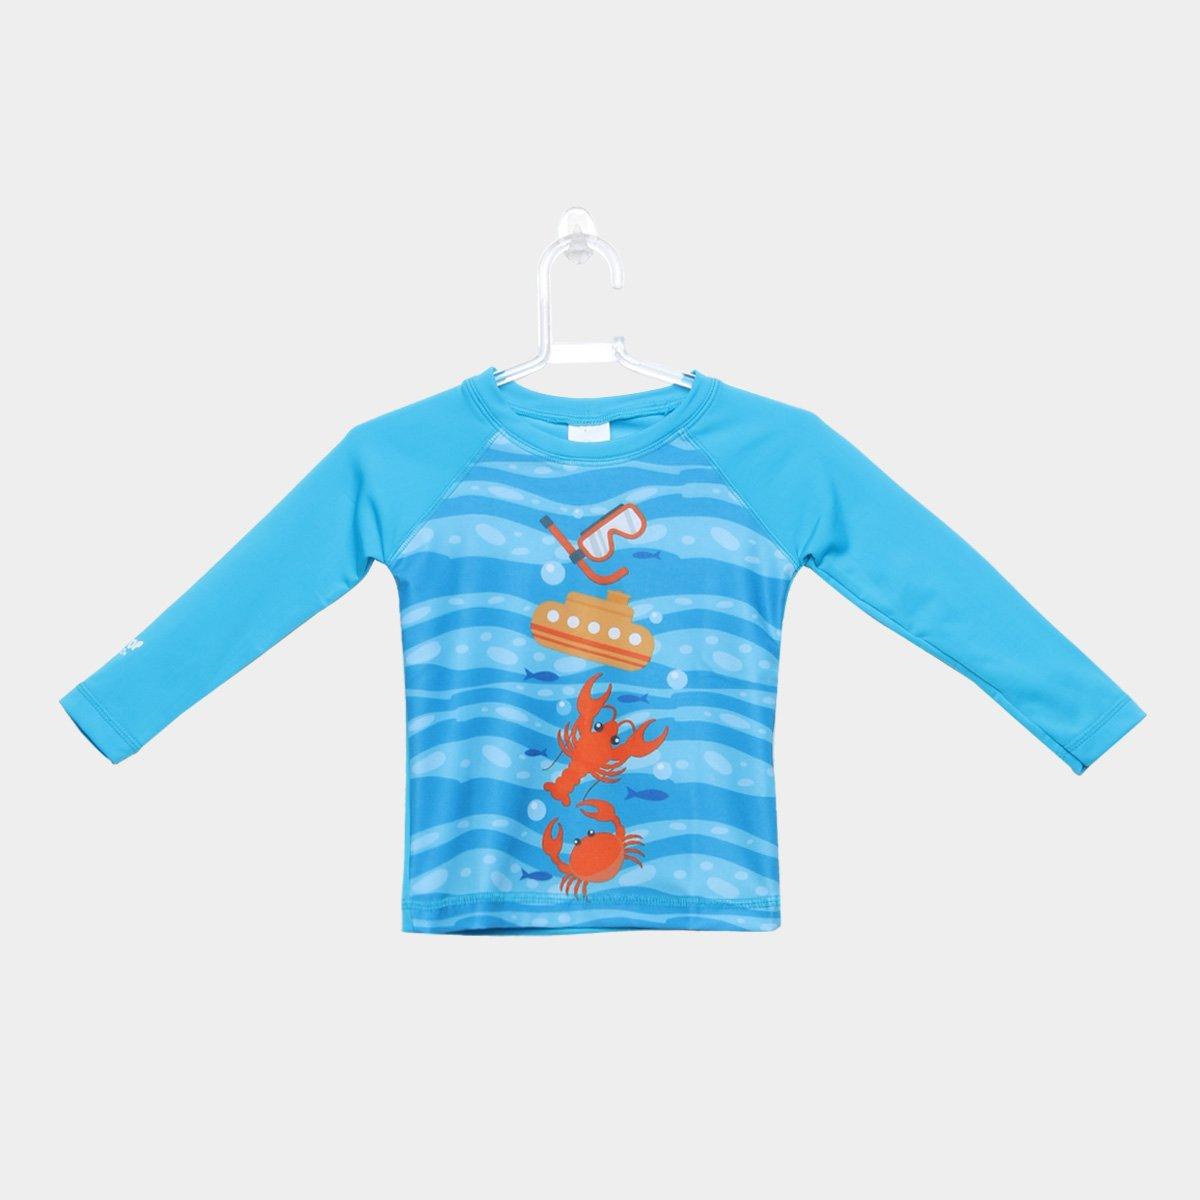 21a34fa9a6b1b Camiseta Infantil Tip Top Praia Estampada Manga Longa Masculina - Azul  Turquesa - Compre Agora